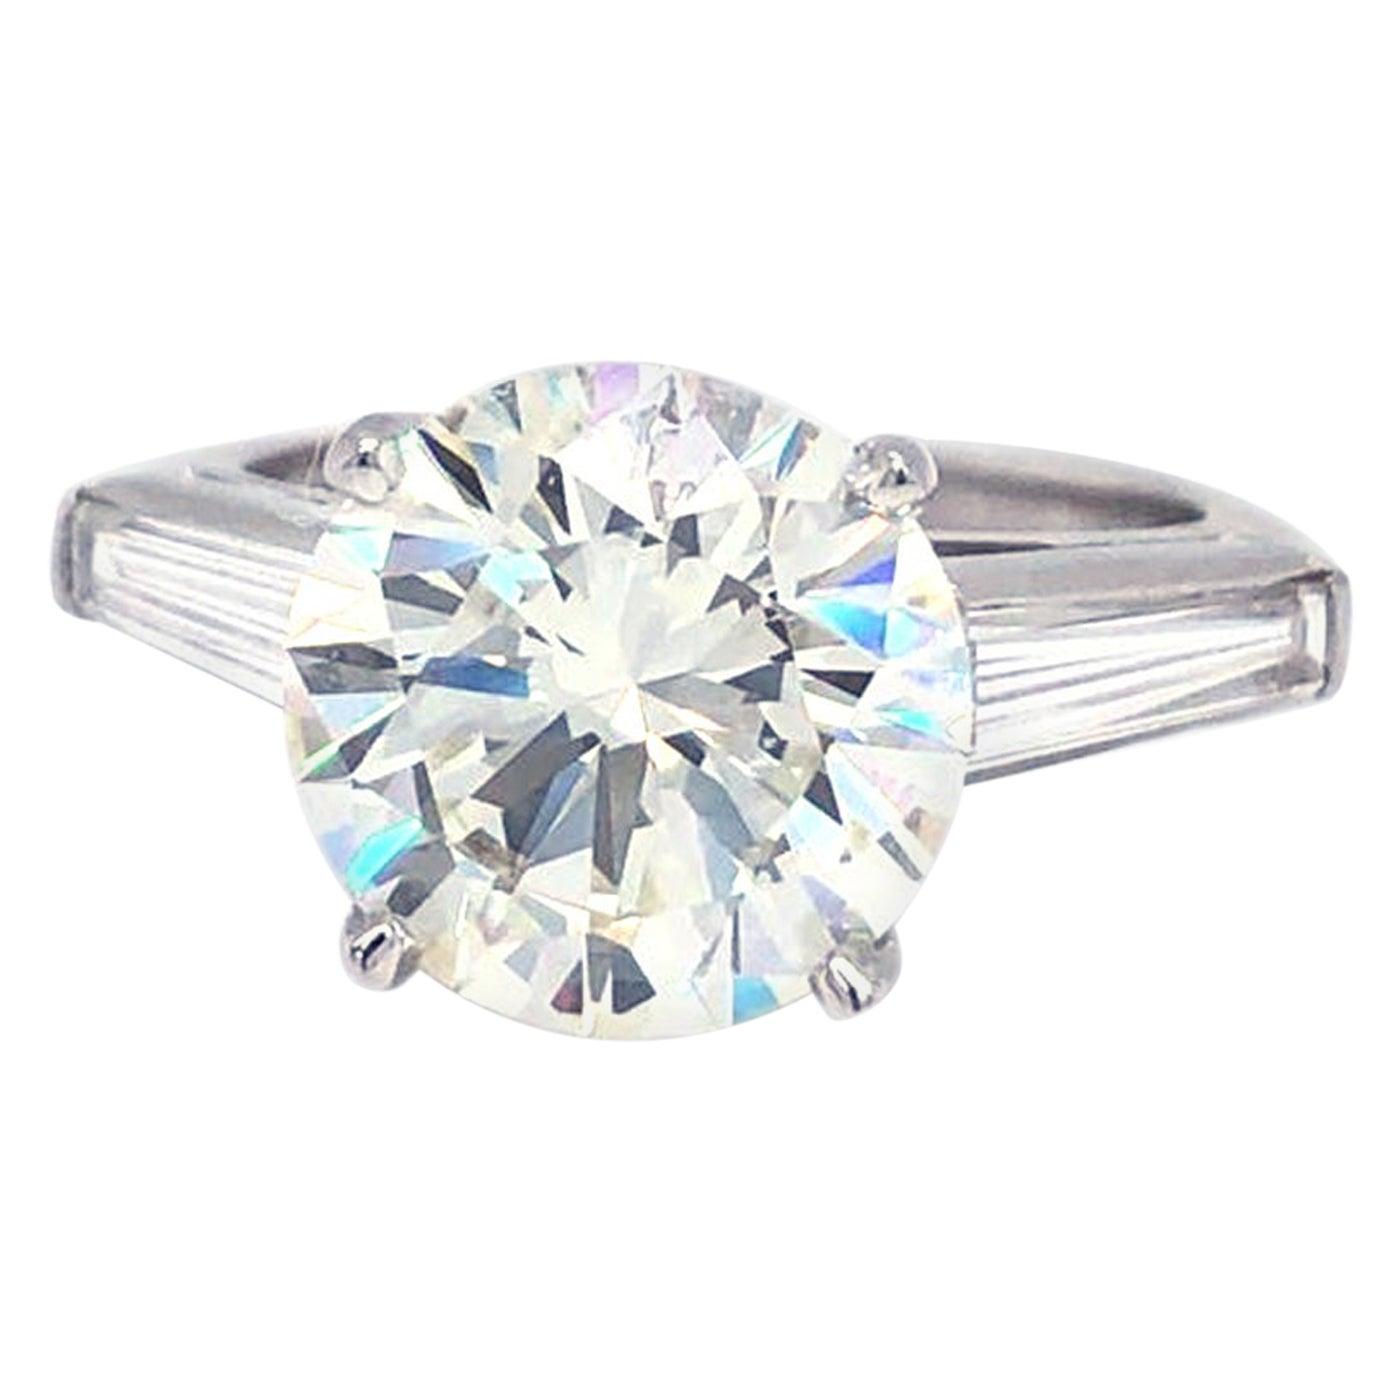 GIA Certified 4.03 Carat Round Brilliant Cut Baguette VS1 Diamond Platinum Ring